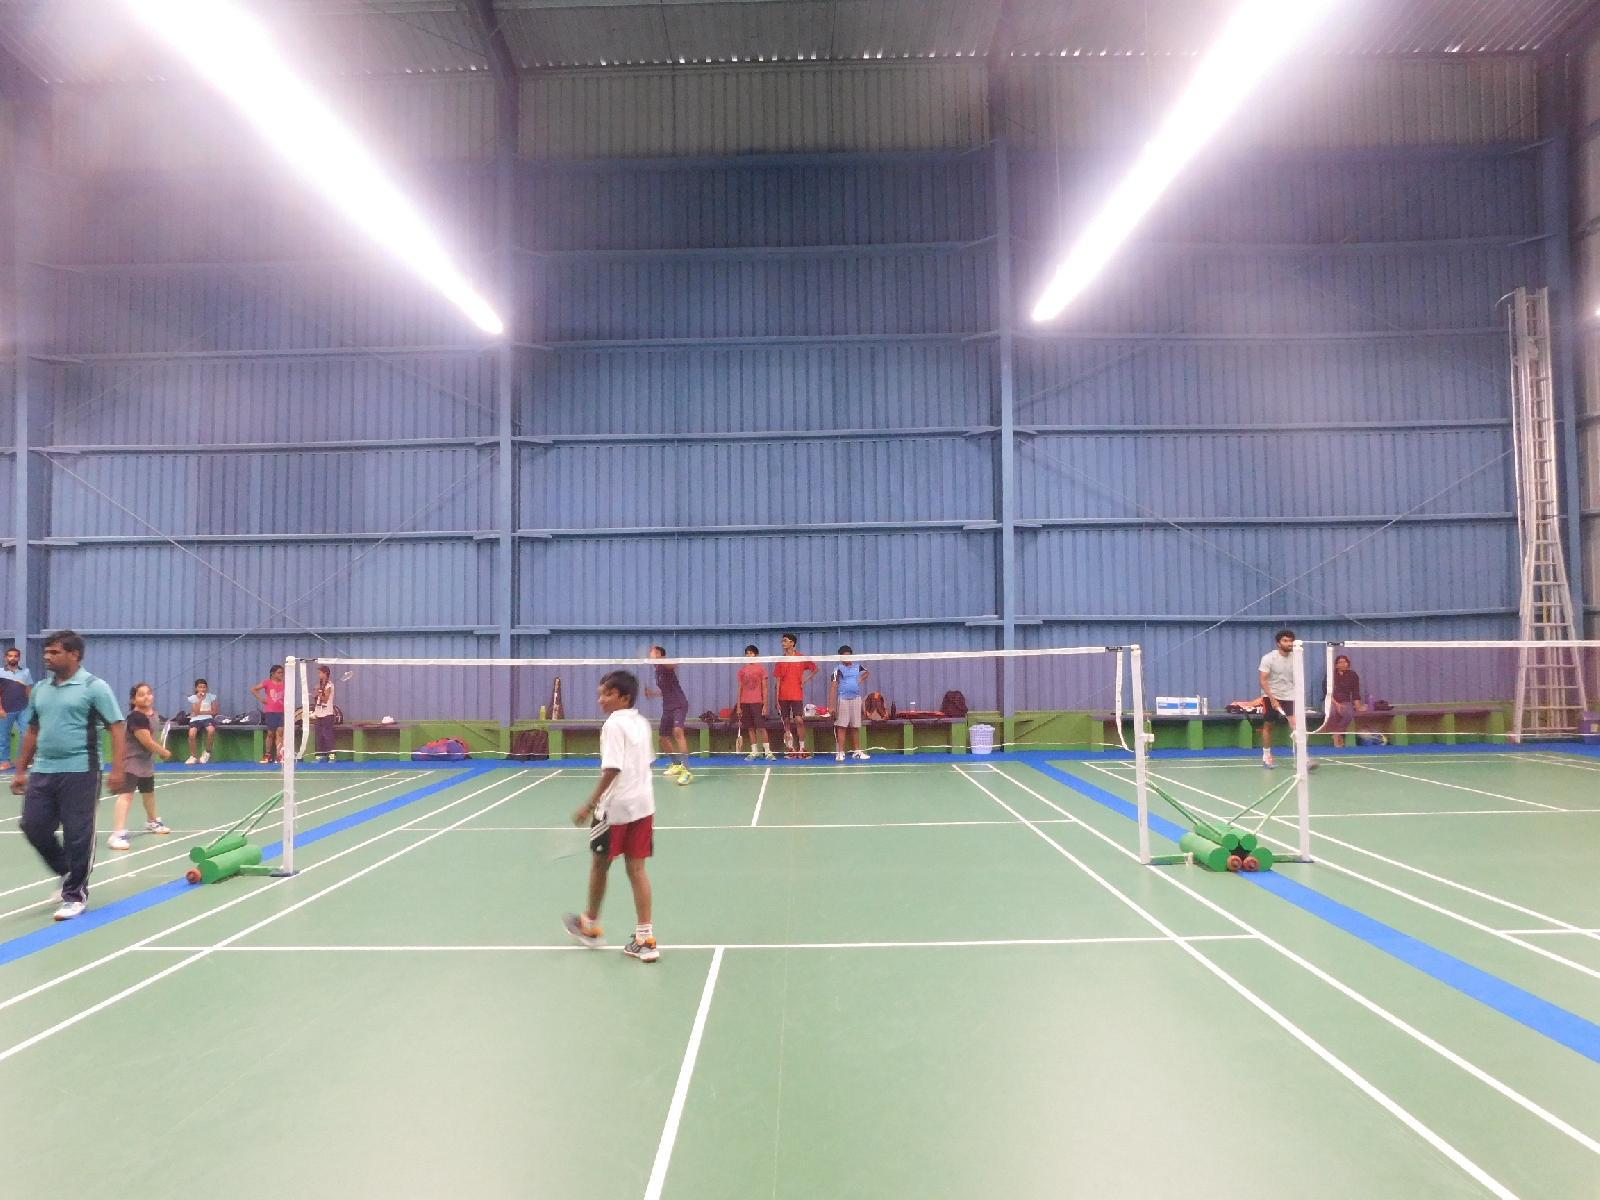 Apex Badminton Centre - GW Sports App